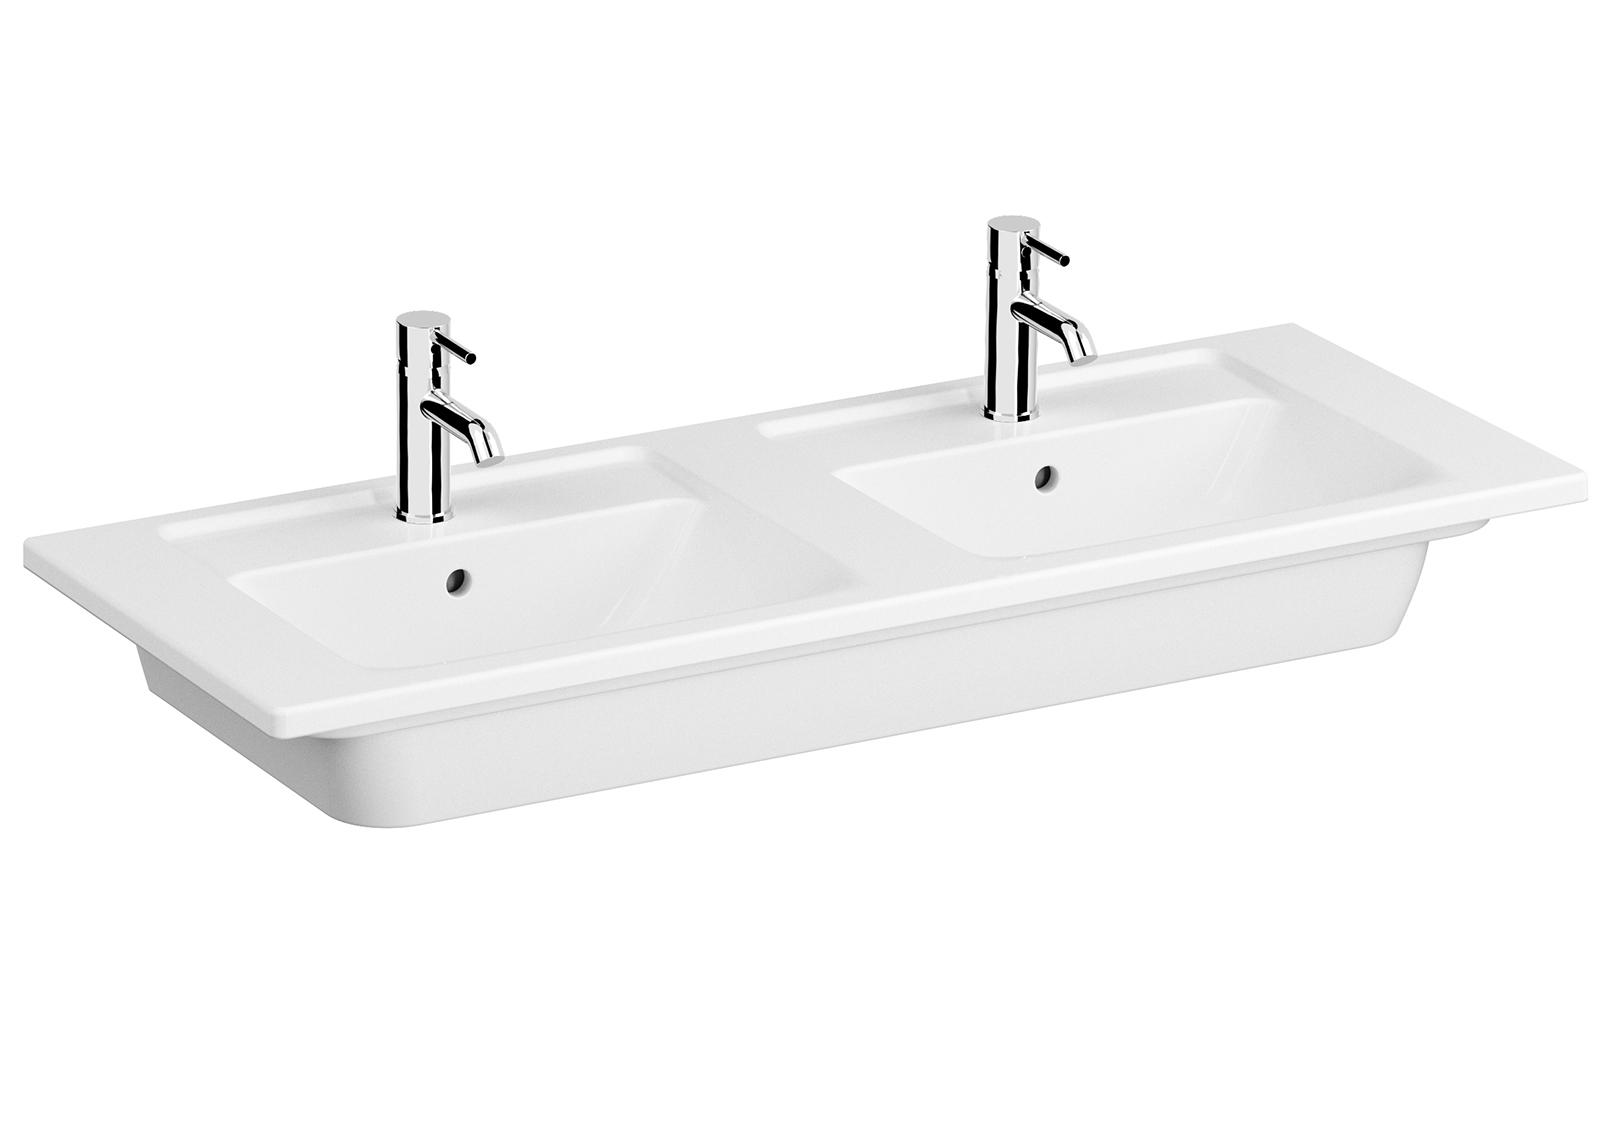 Integra Doppelmöbelwaschtisch, 120 cm, 2 Becken, Weiß